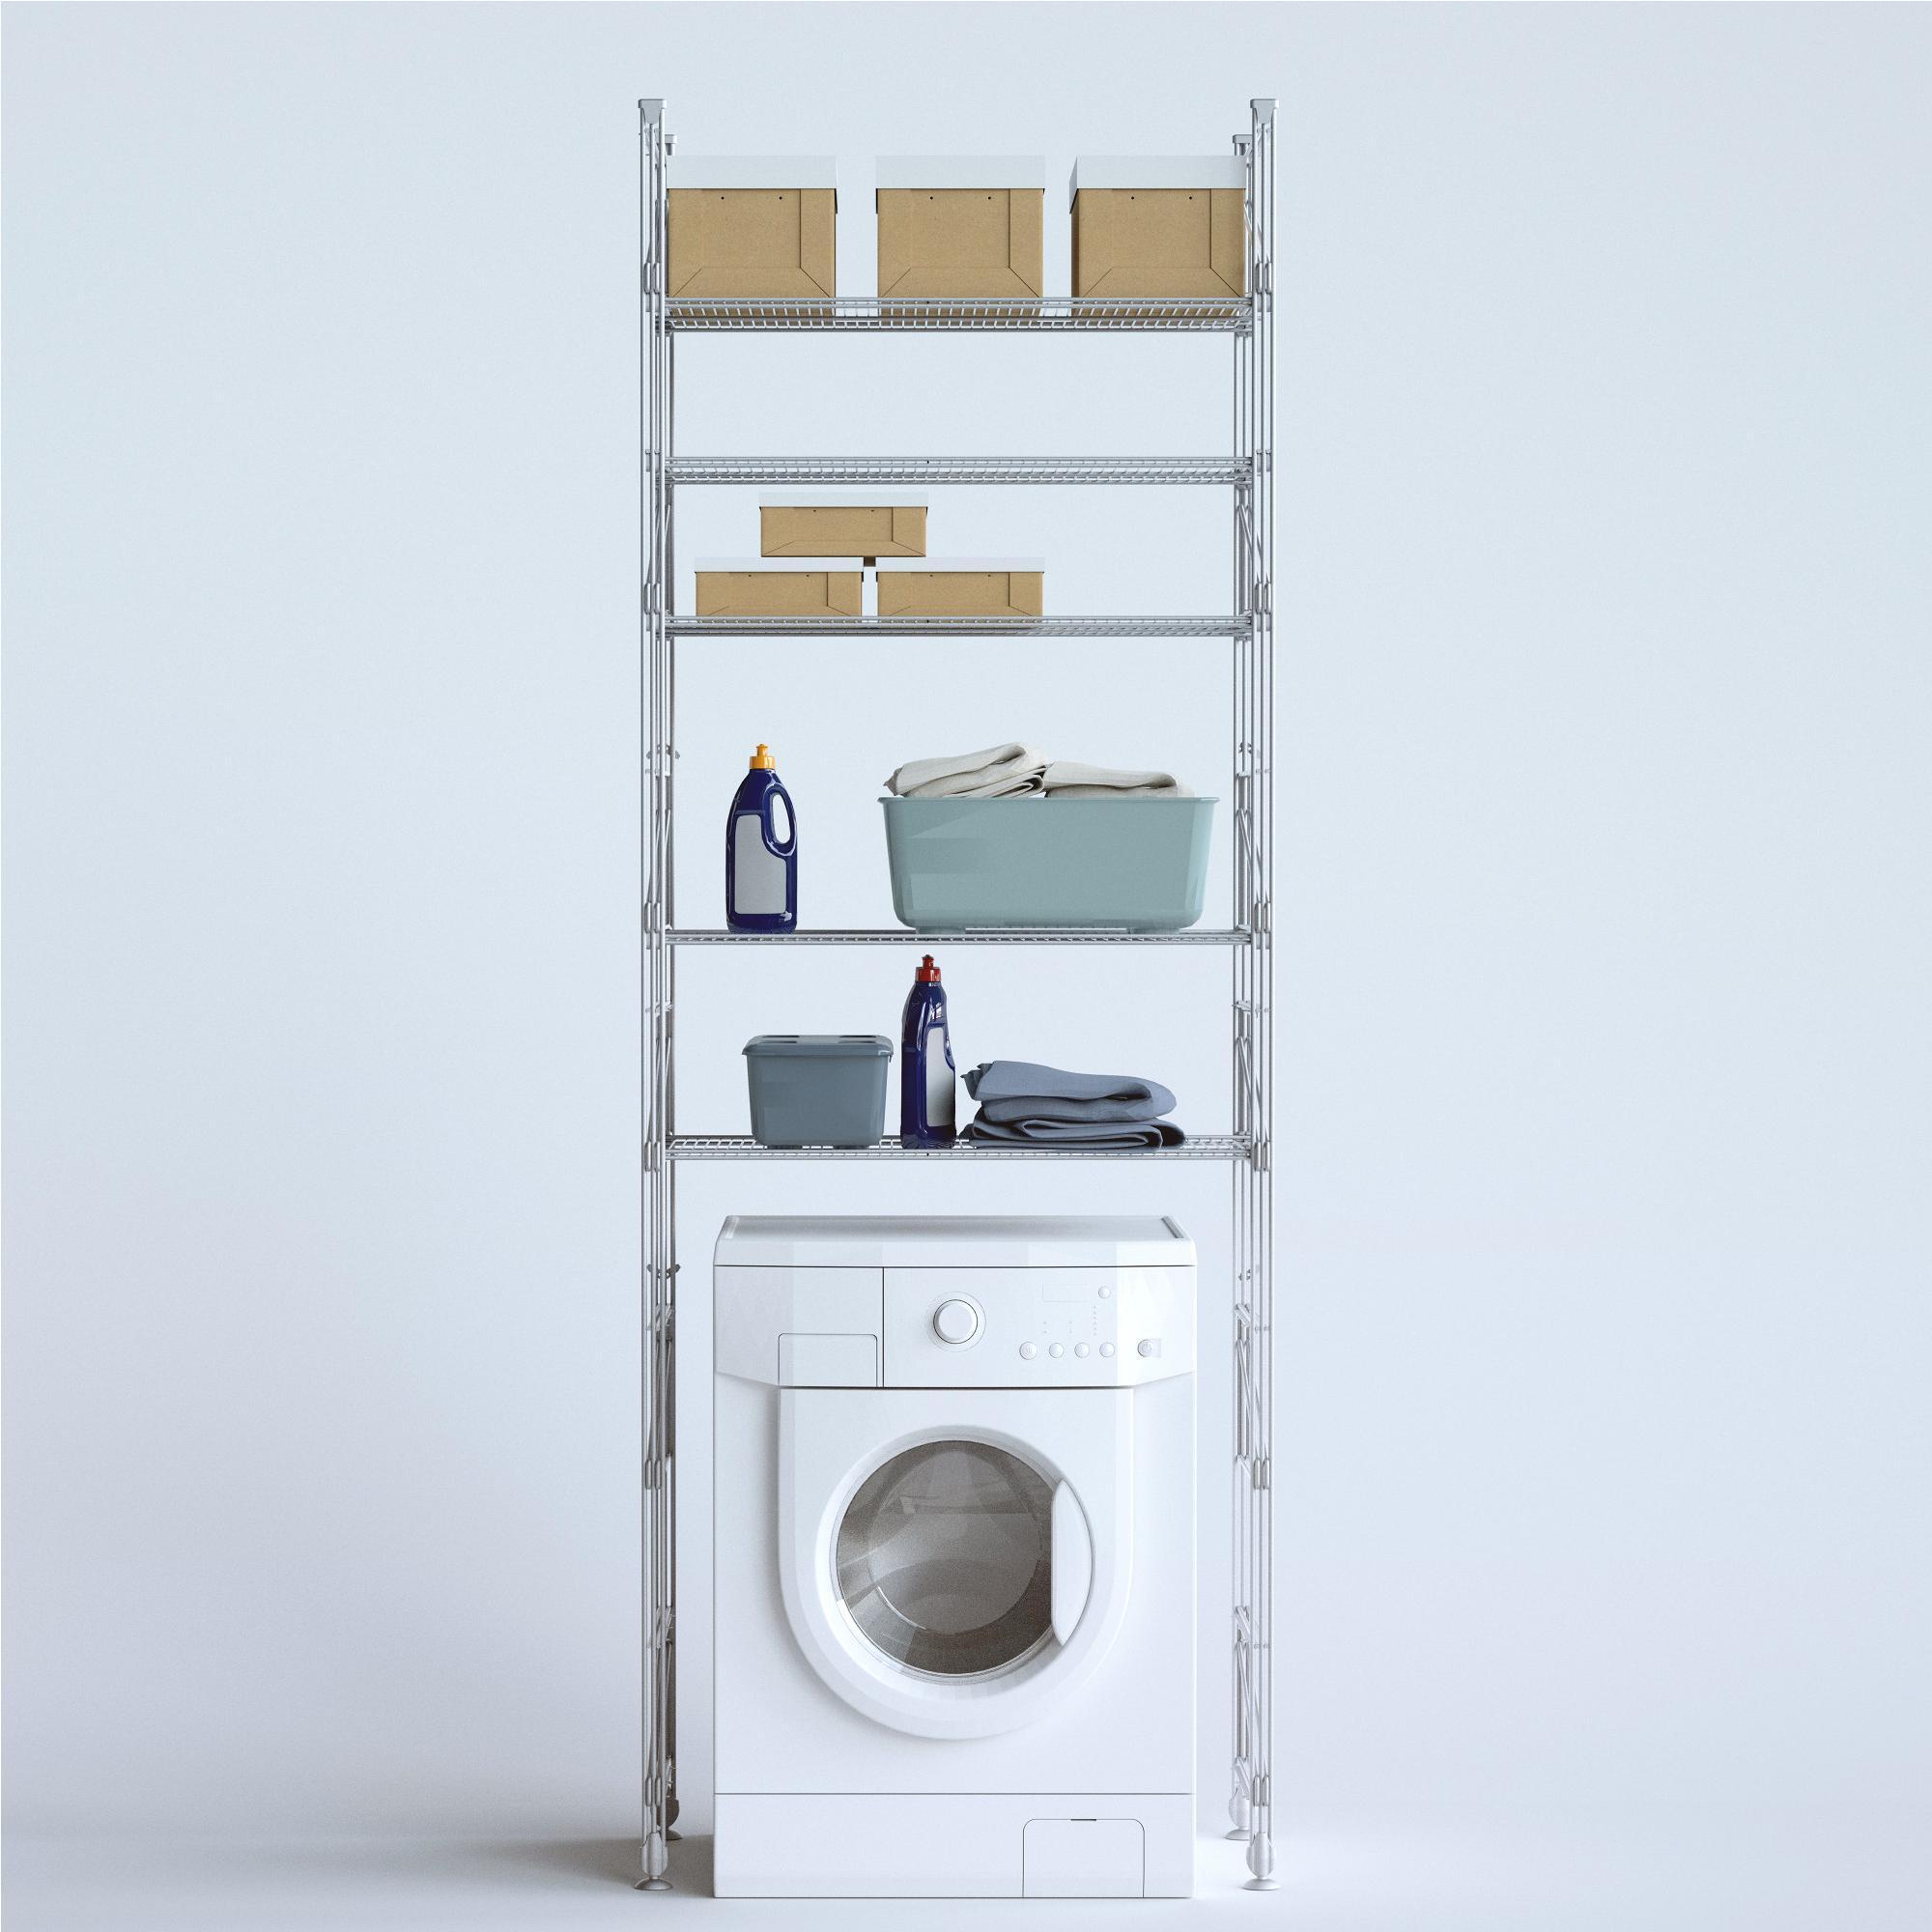 Scaffale componibile modulo lavatrice tino 100x42xh190 cm - Porta lavatrice ikea ...